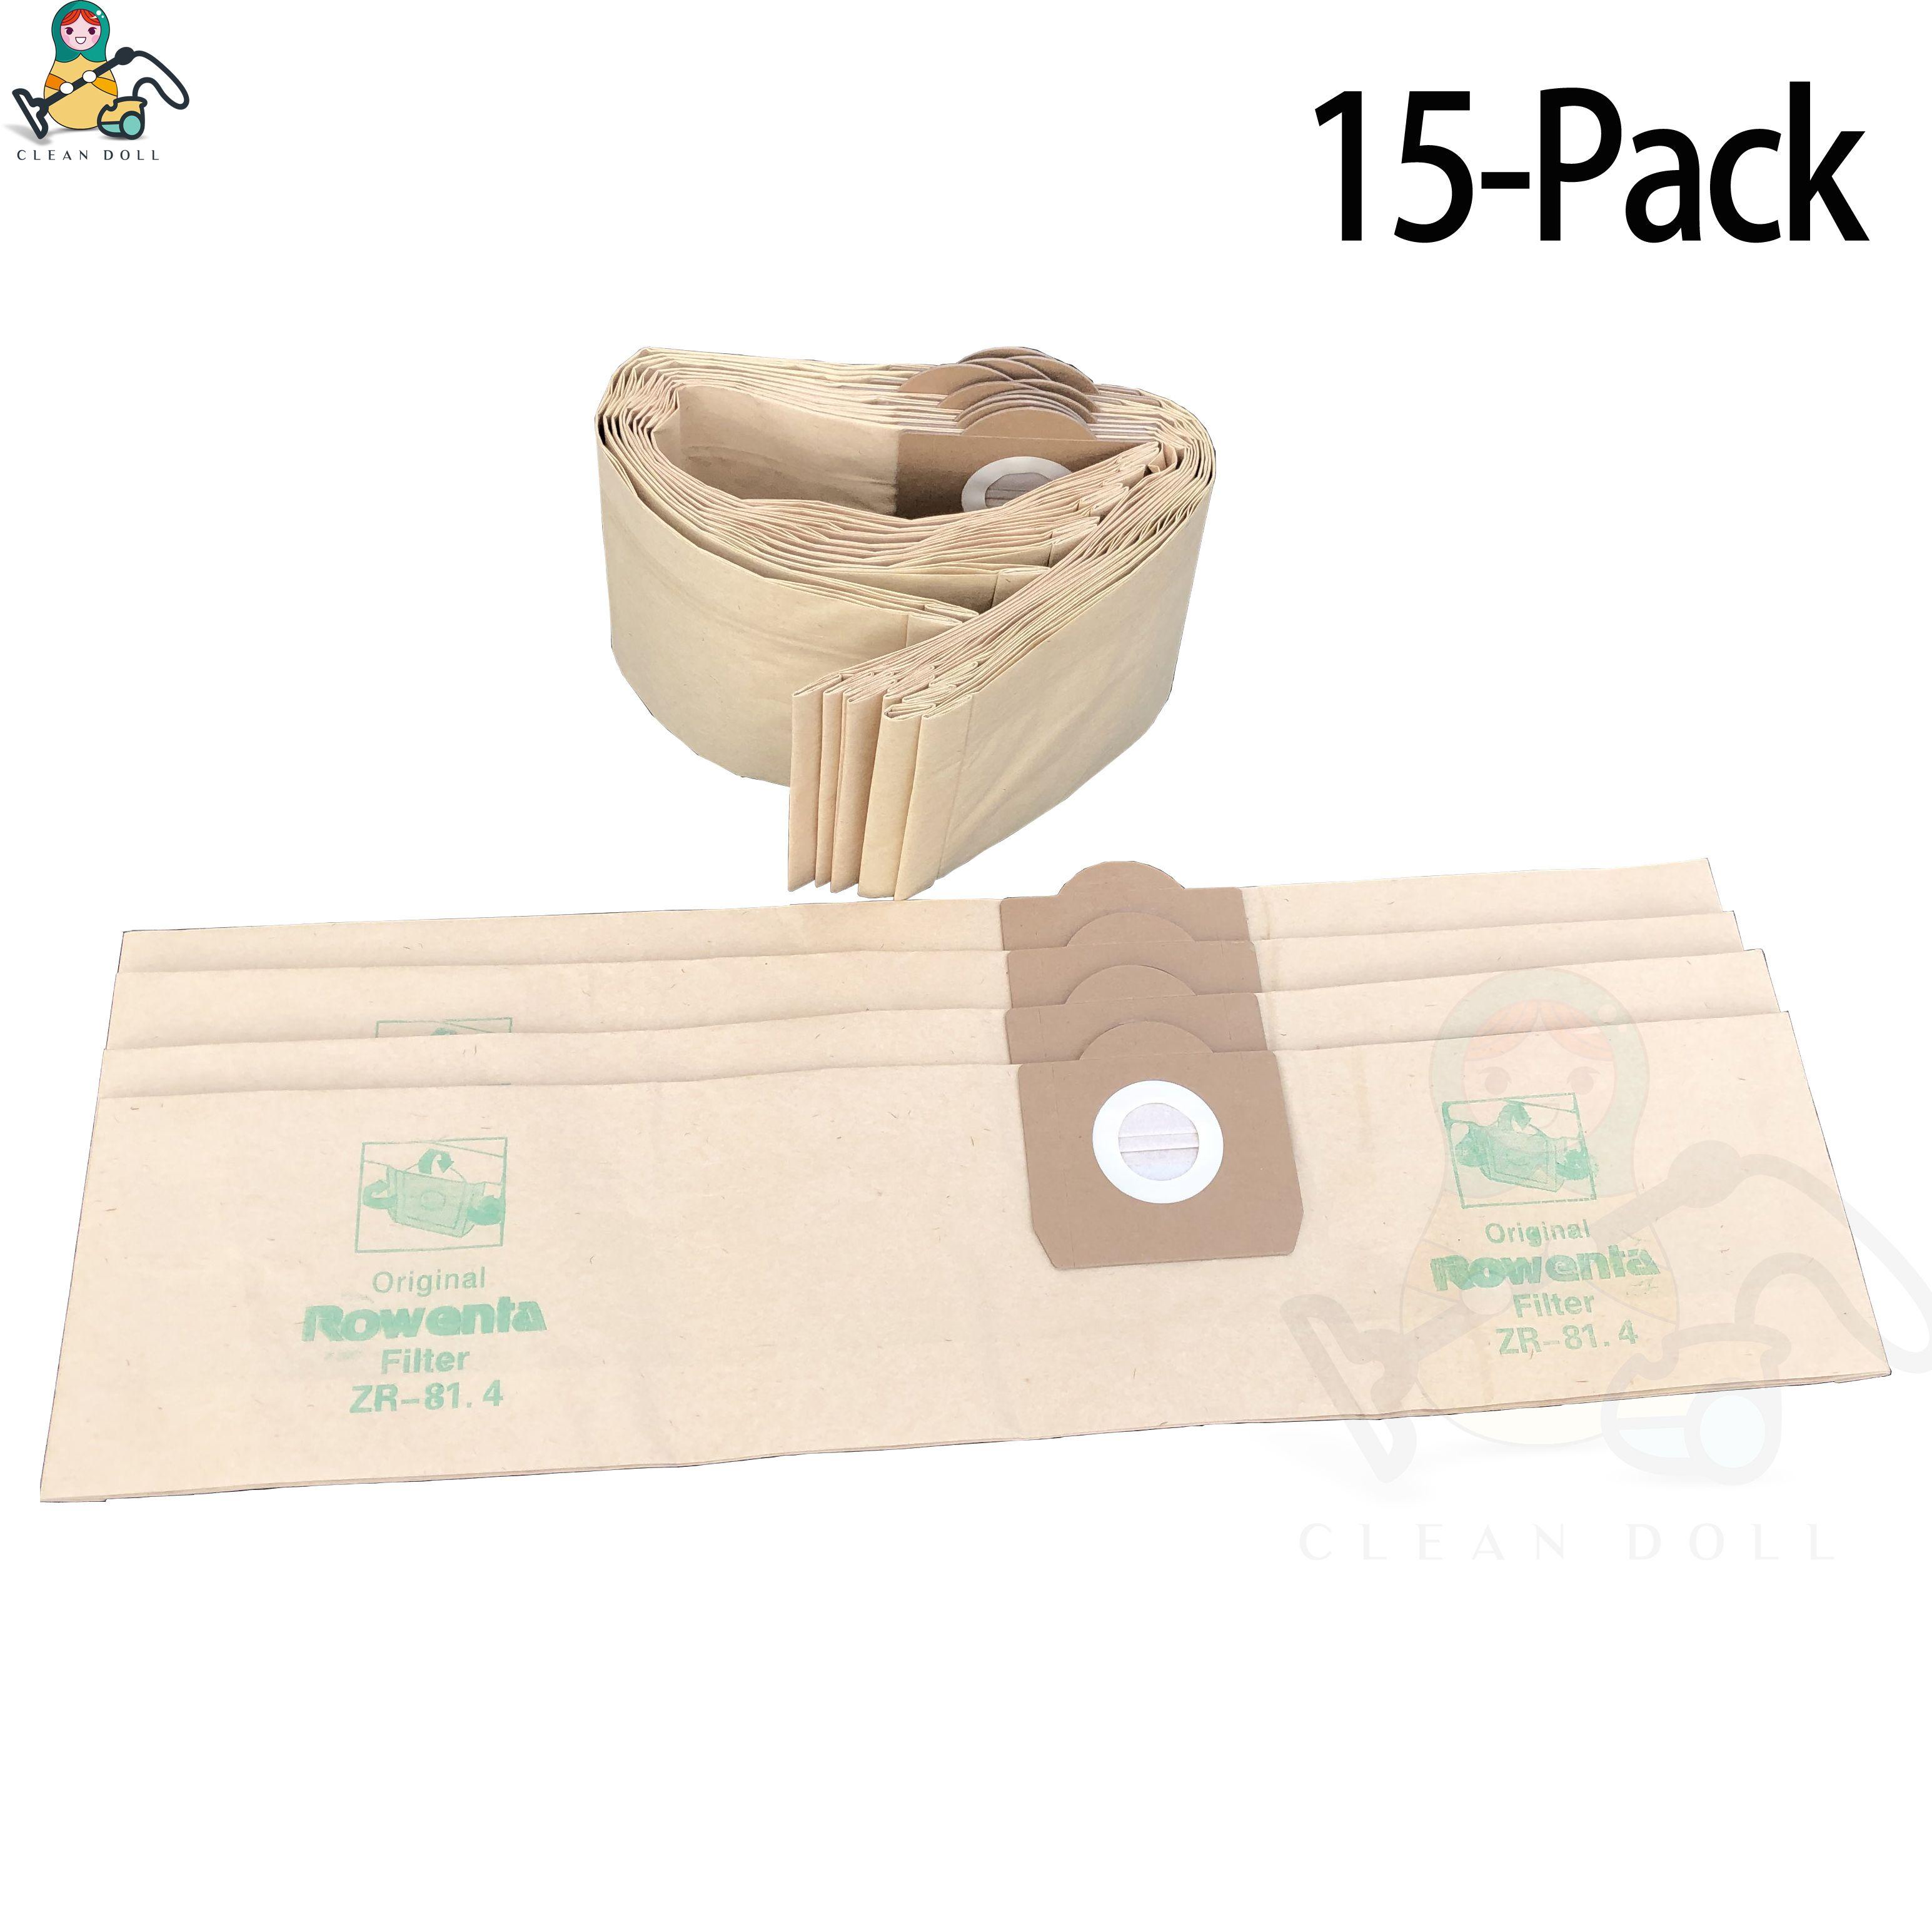 15-Pack dust bag for lidl Parkside bag